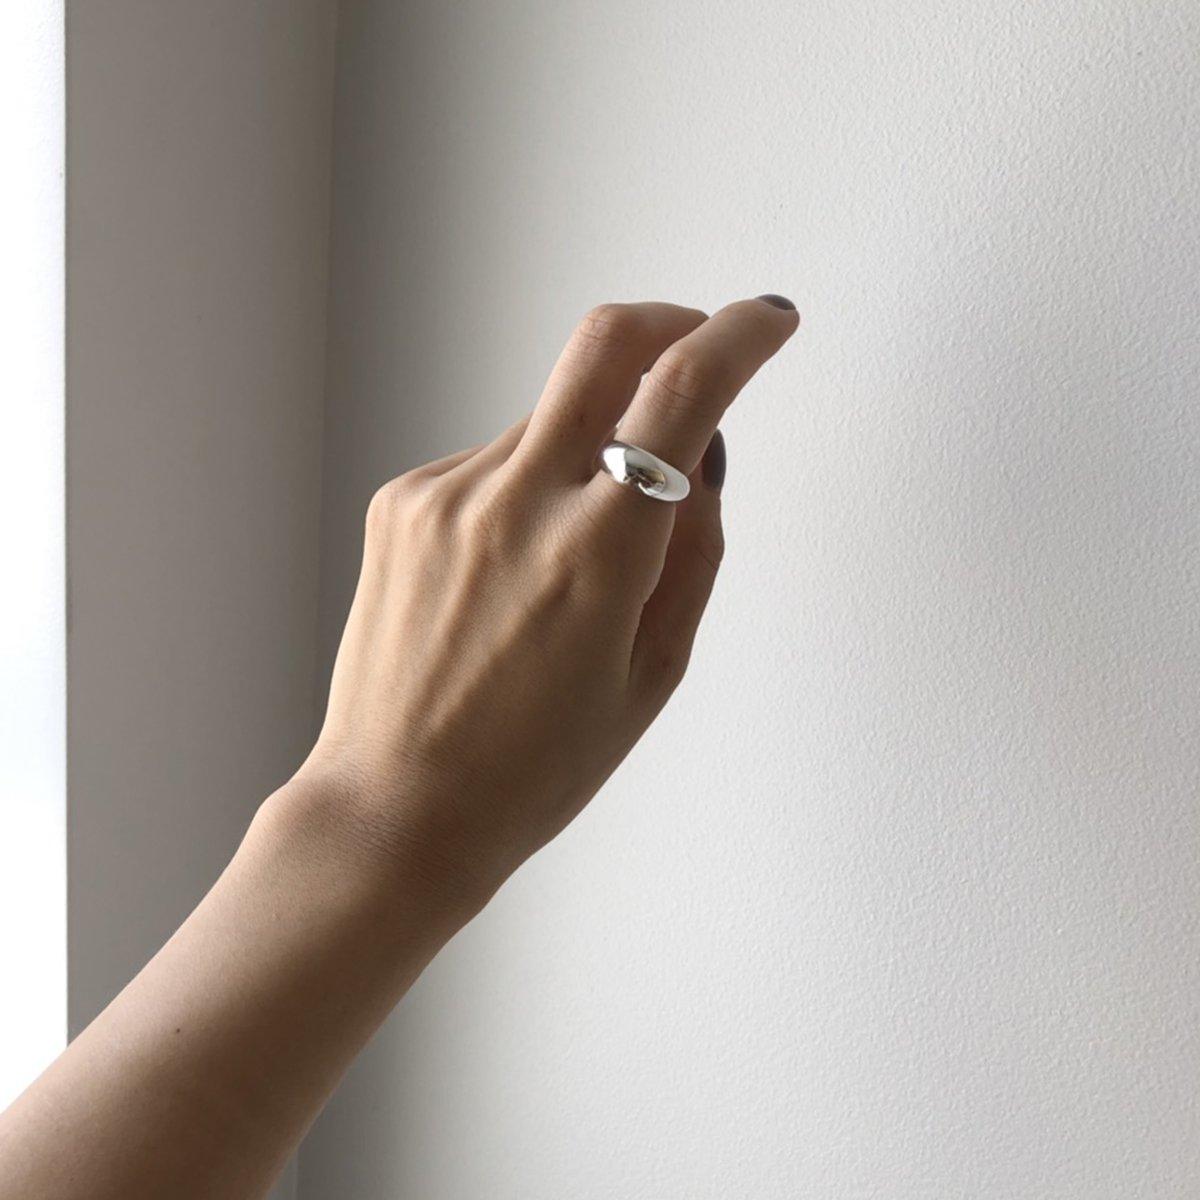 p ring S